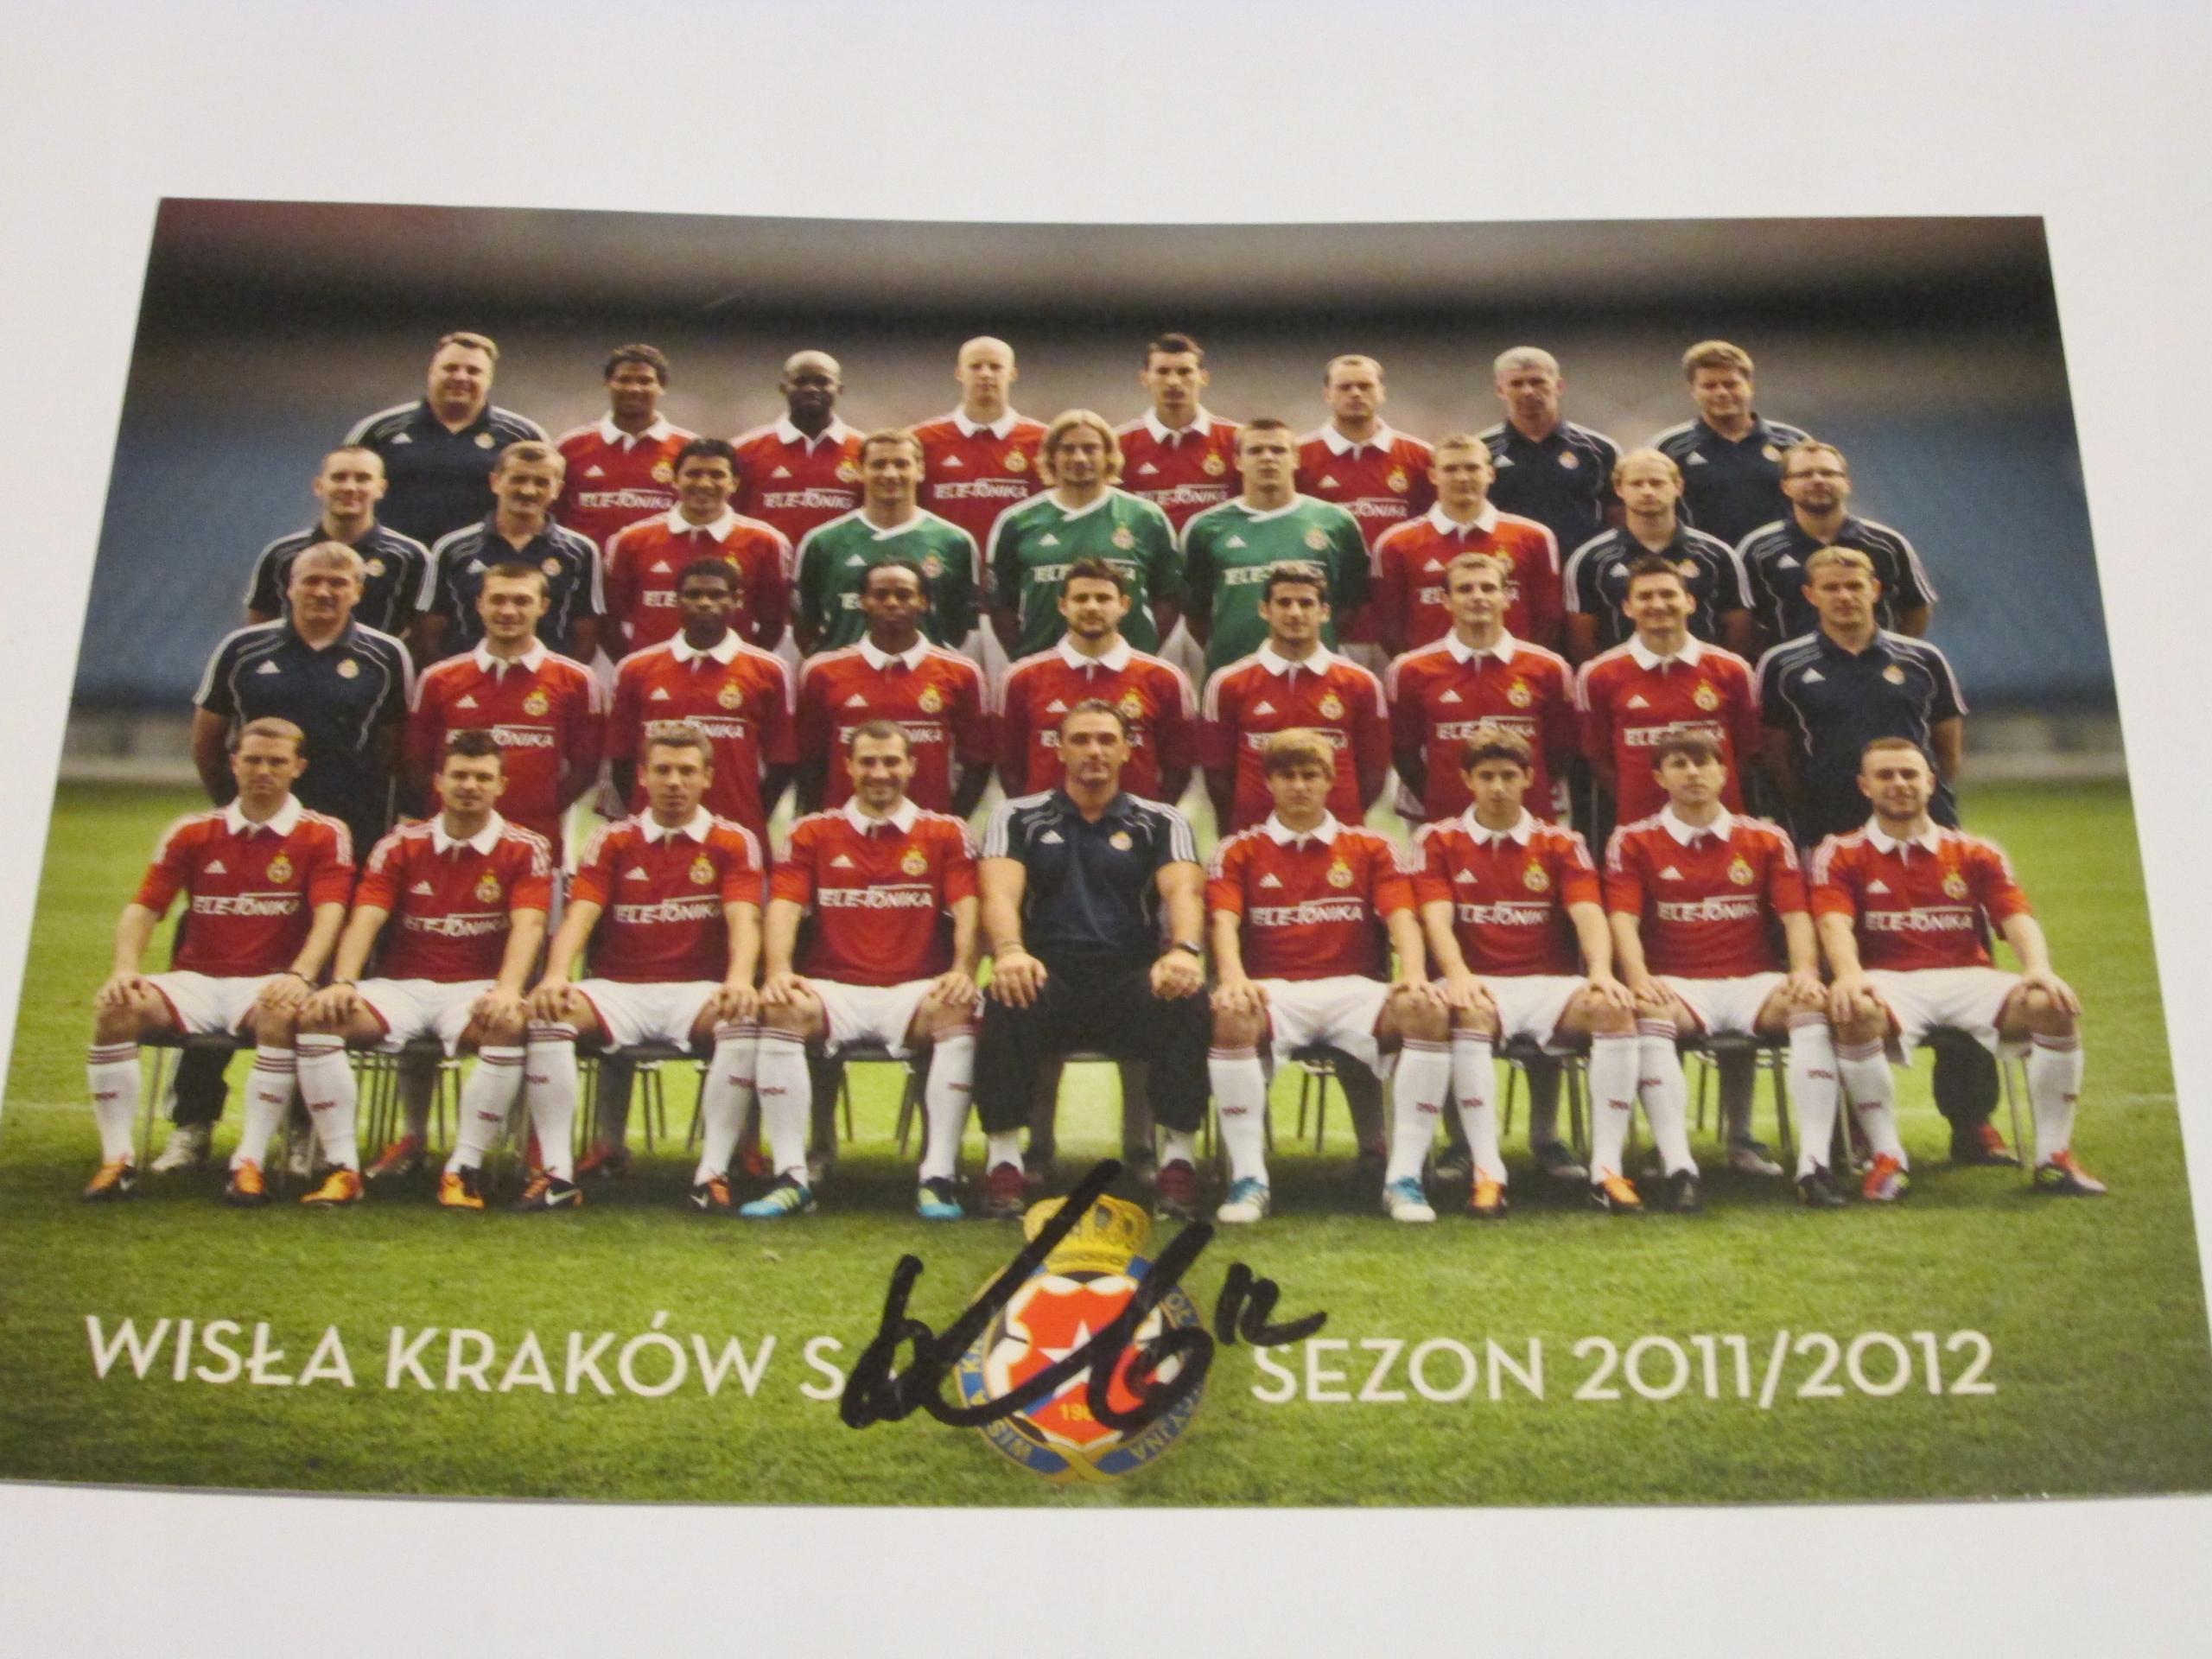 WISŁA KRAKÓW SEZON 2011/2012 ZDJĘCIE CAŁY SKŁAD